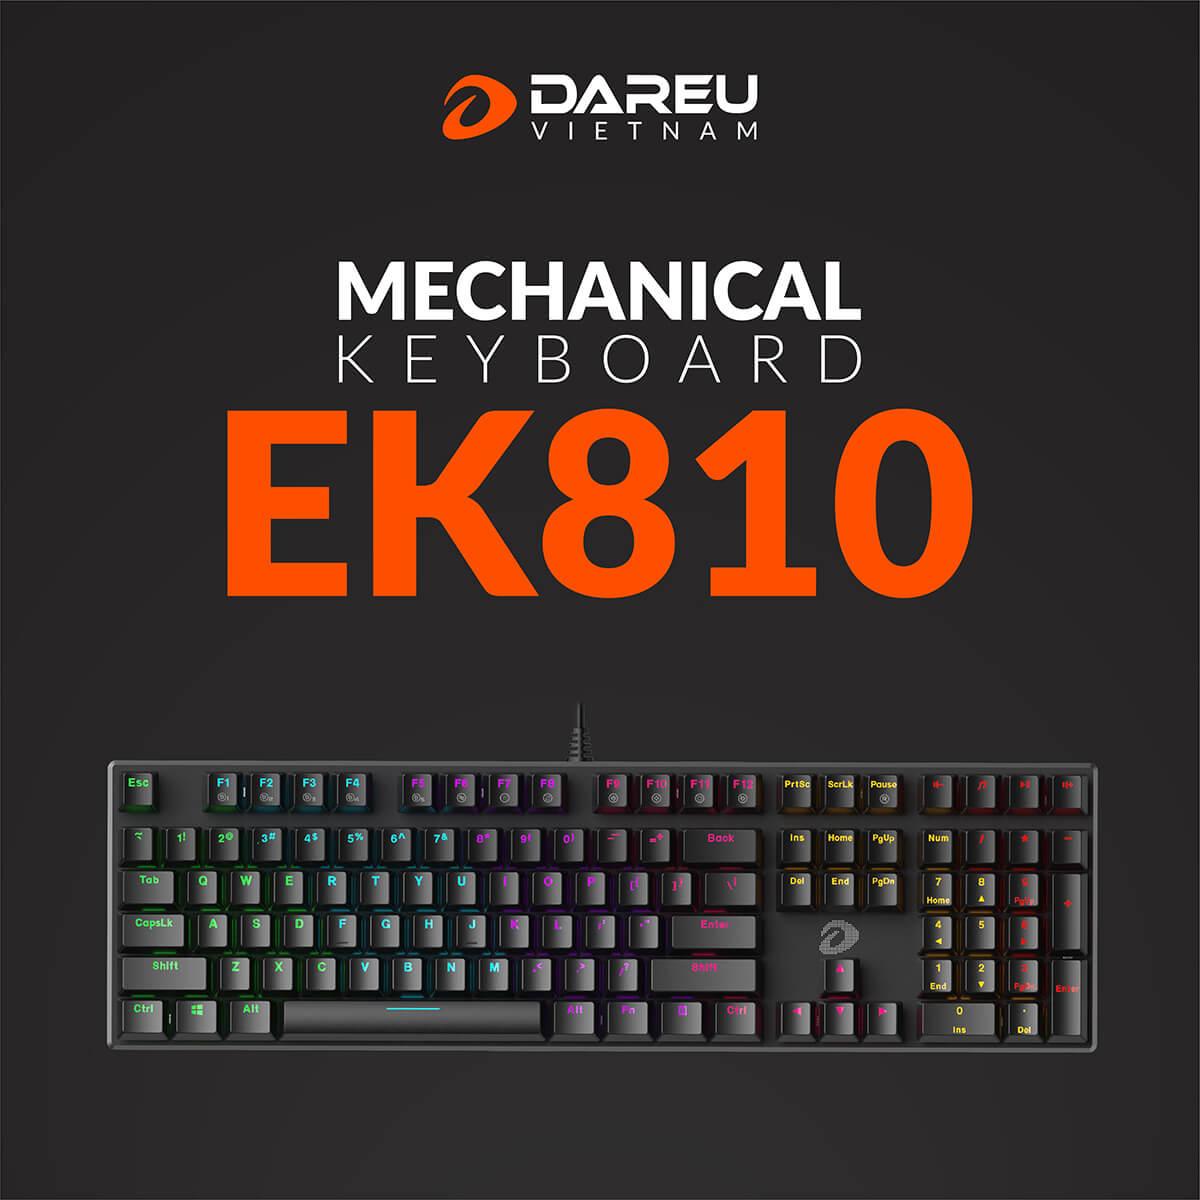 Phím Cơ Dareu Ek810 Features